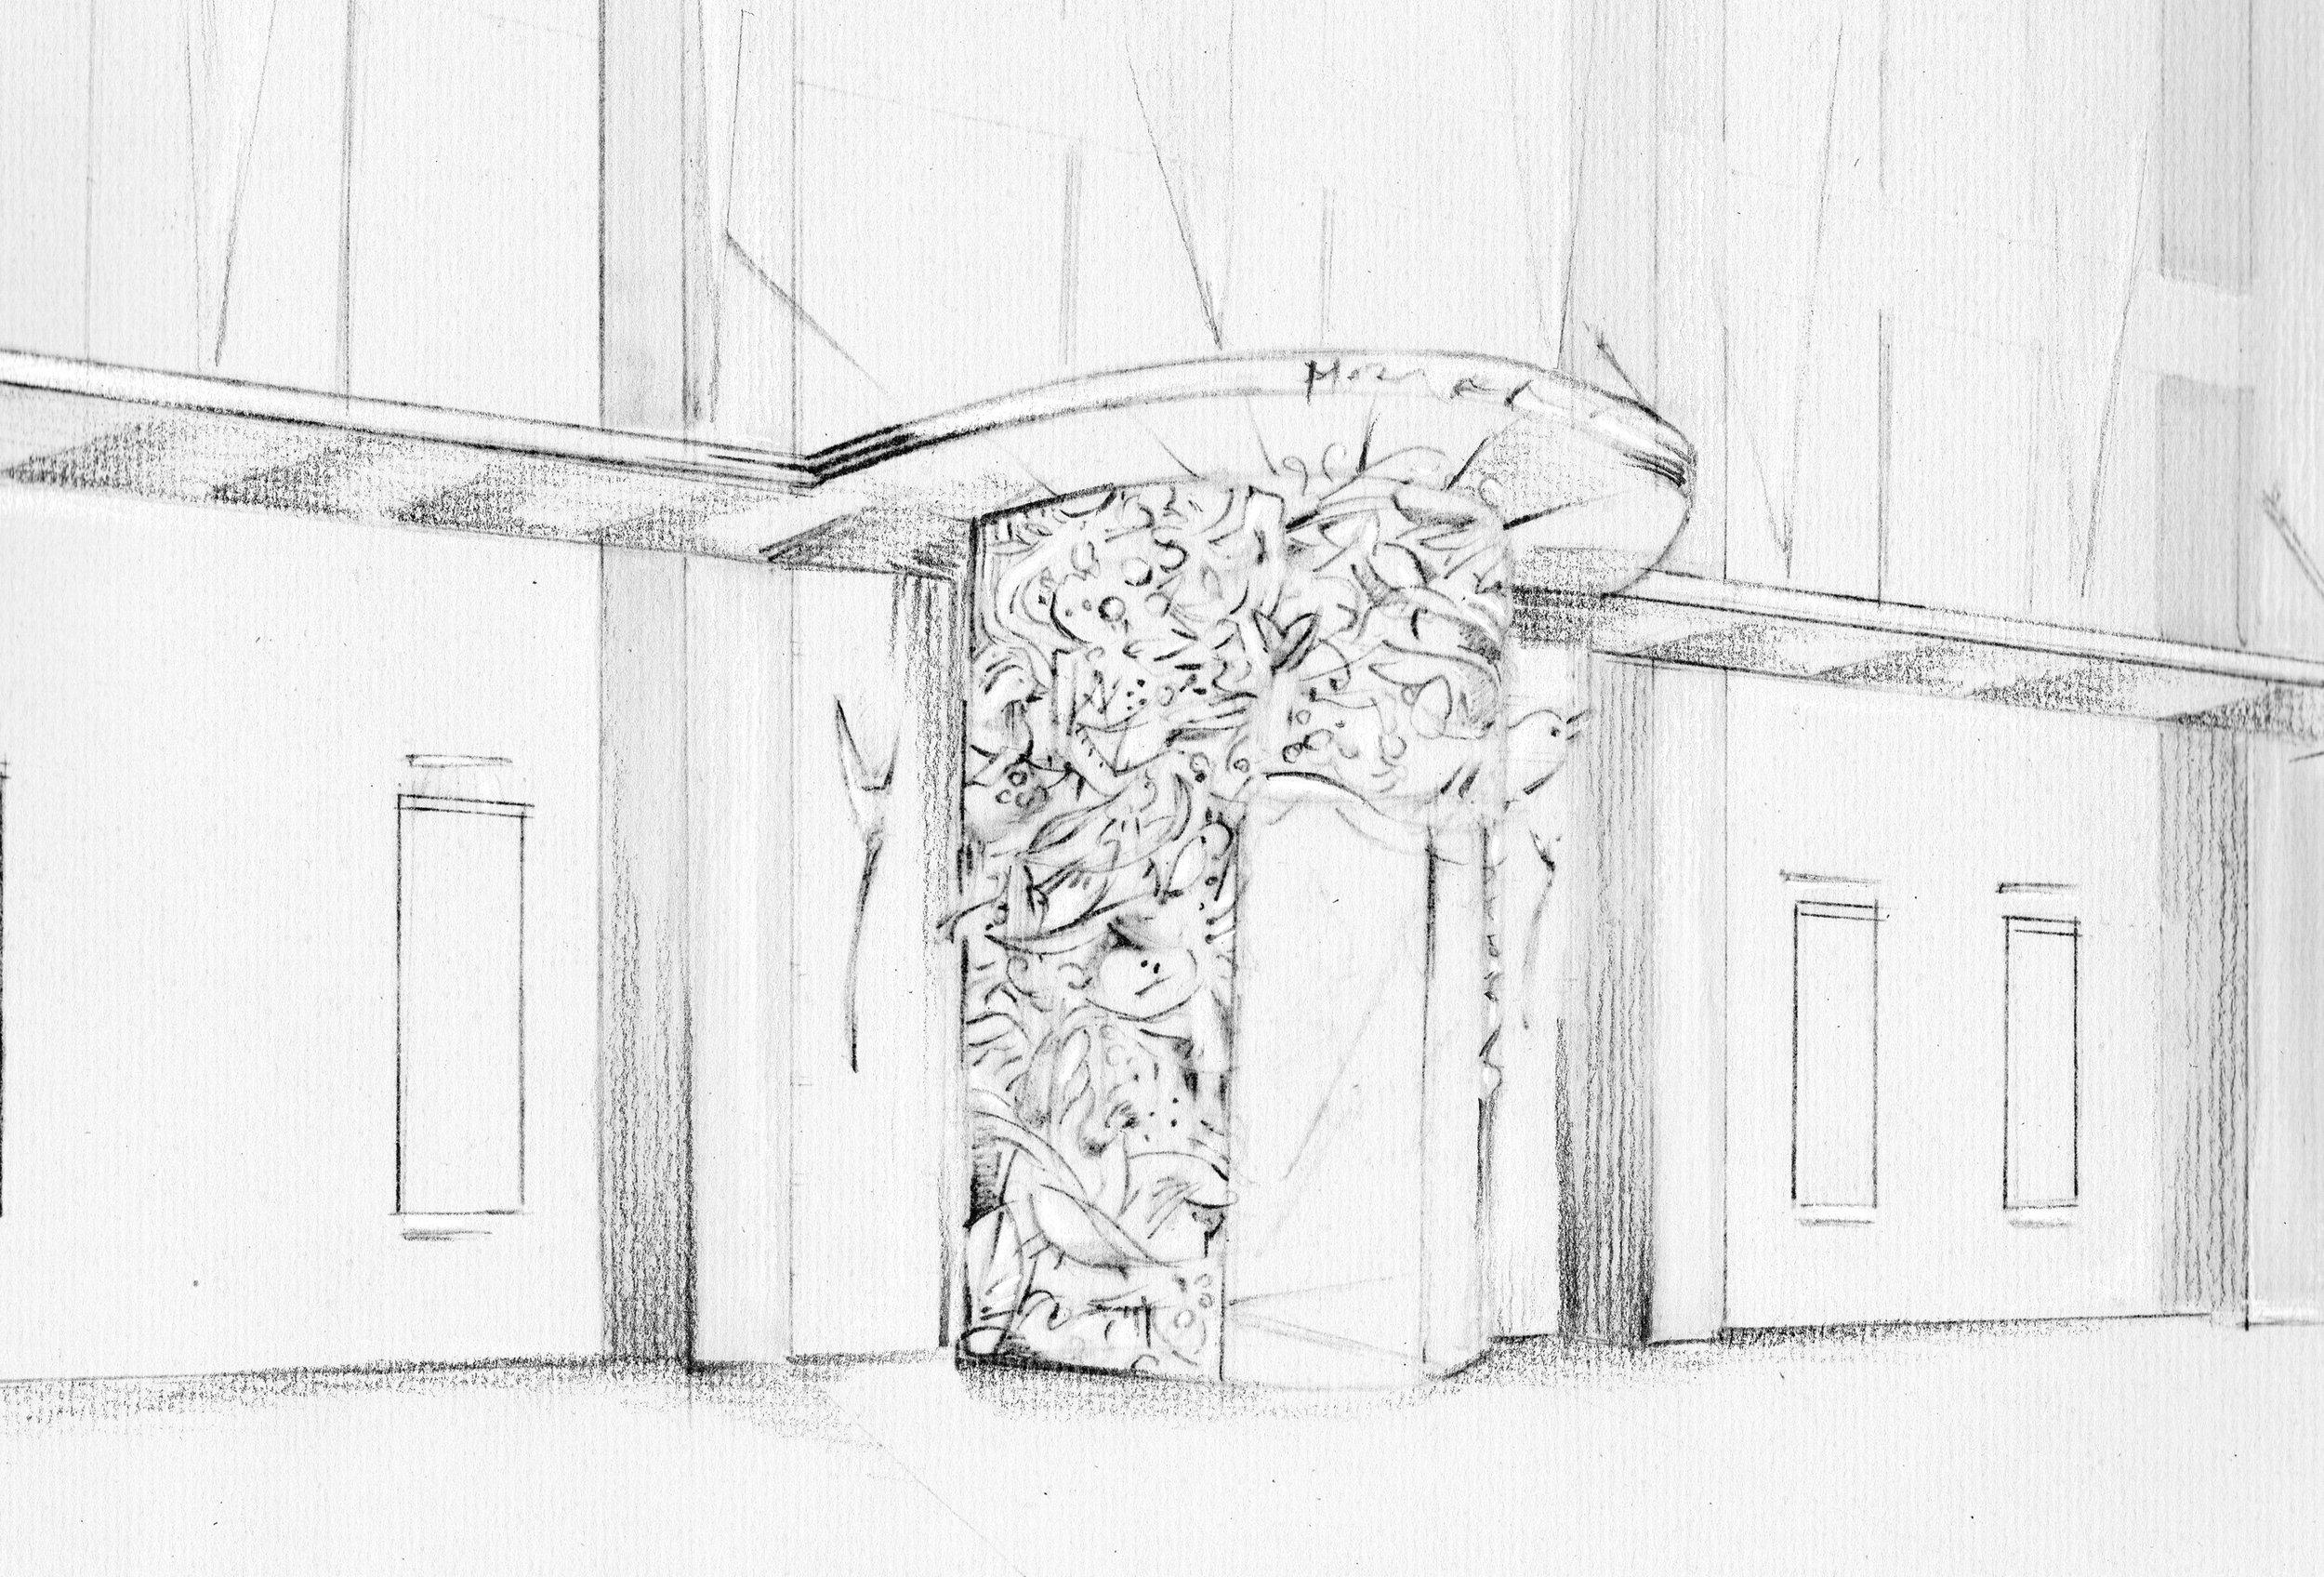 Interior Design Services in Tribeca NY, Soho NY,  Greenwich, NY  | Joe Ginsberg Design | 10012, 10013, 10014